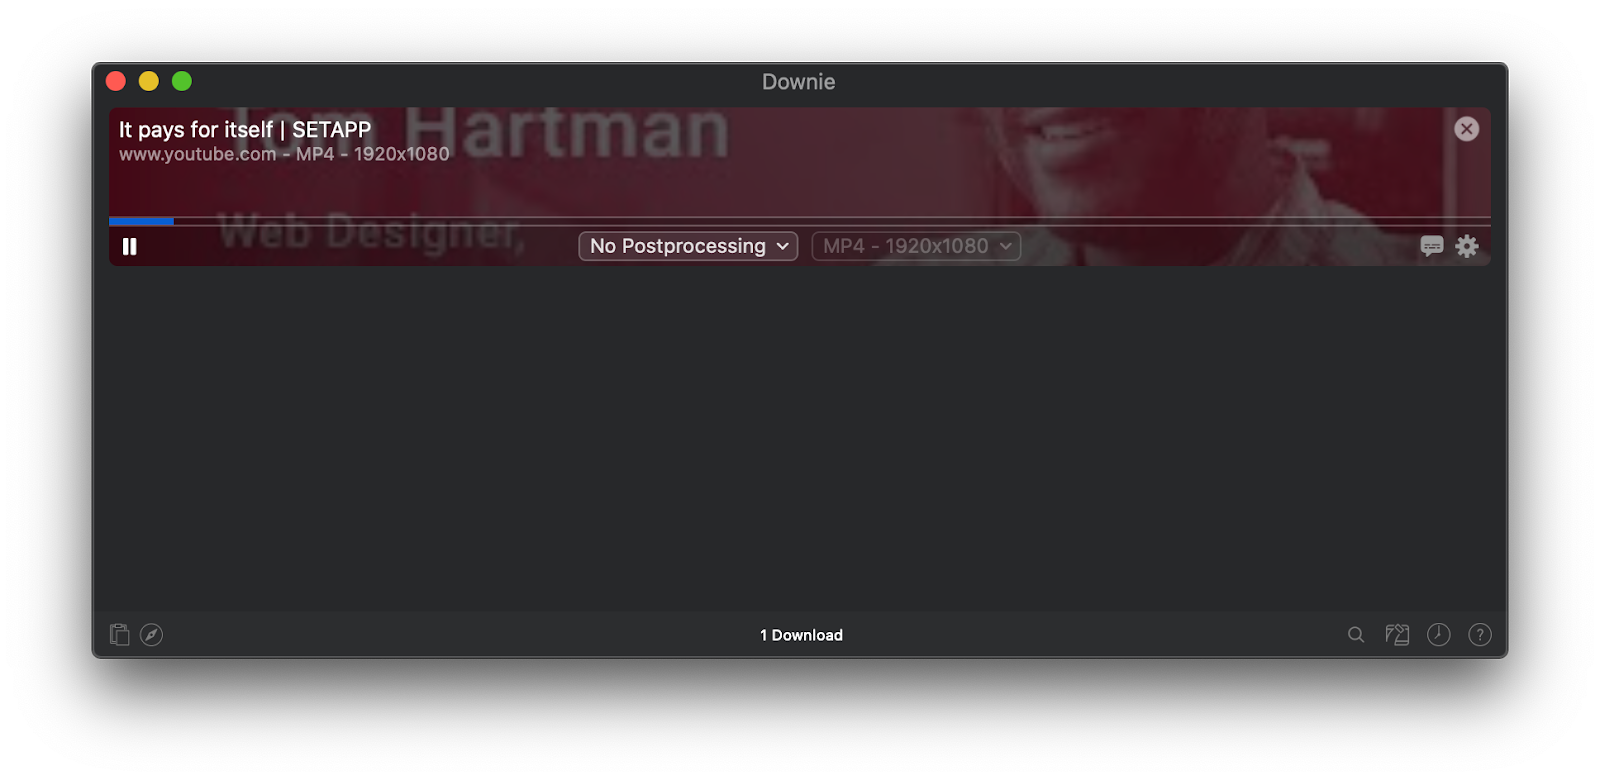 Downie downloader app Mac